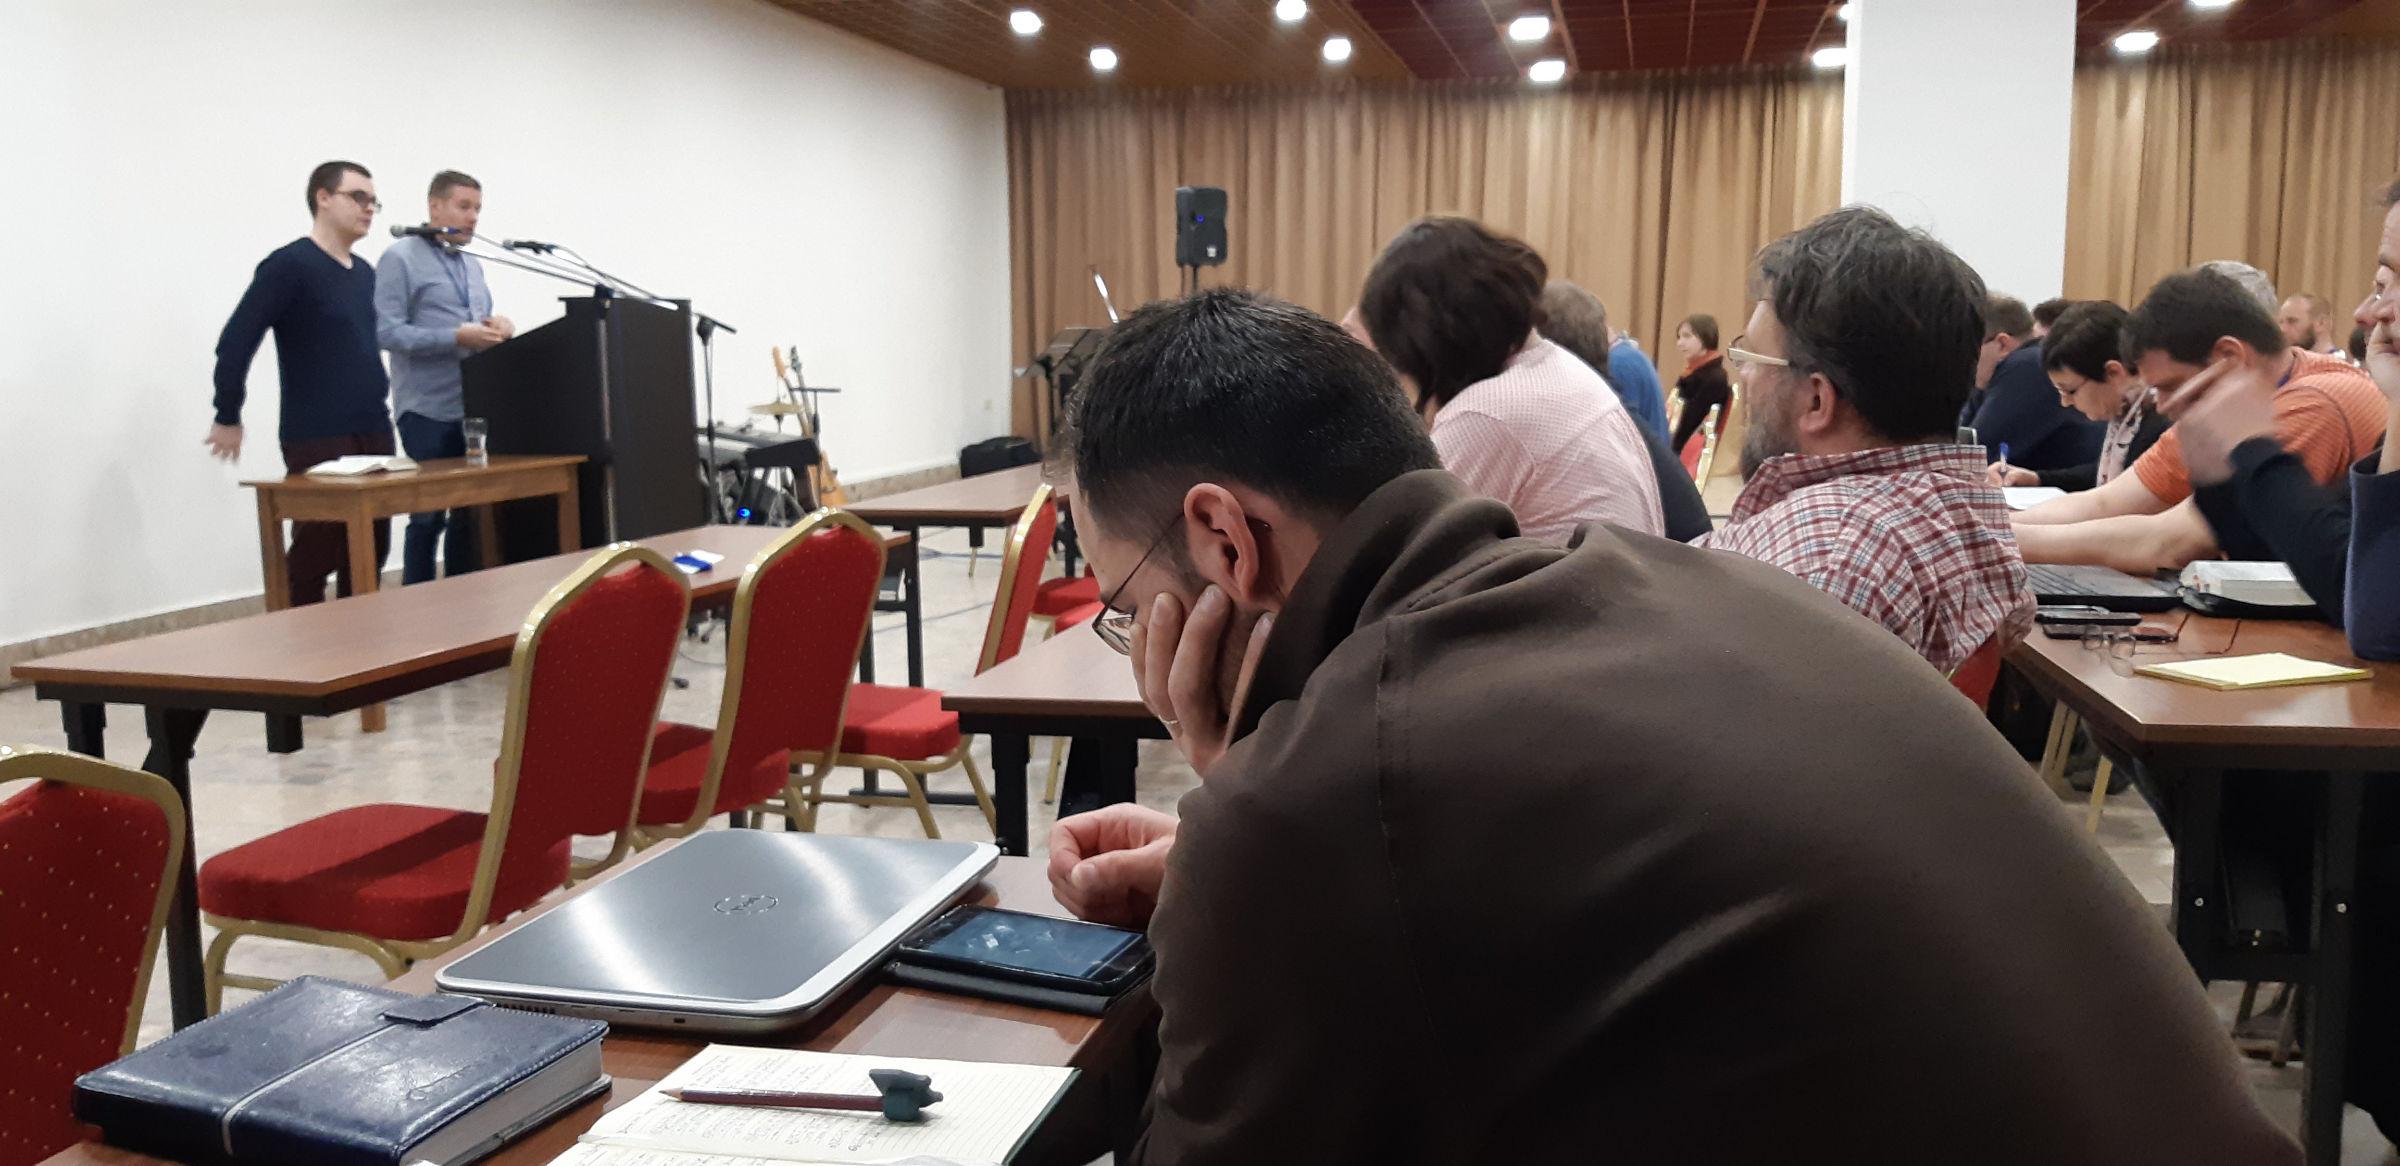 Conference on evangelism